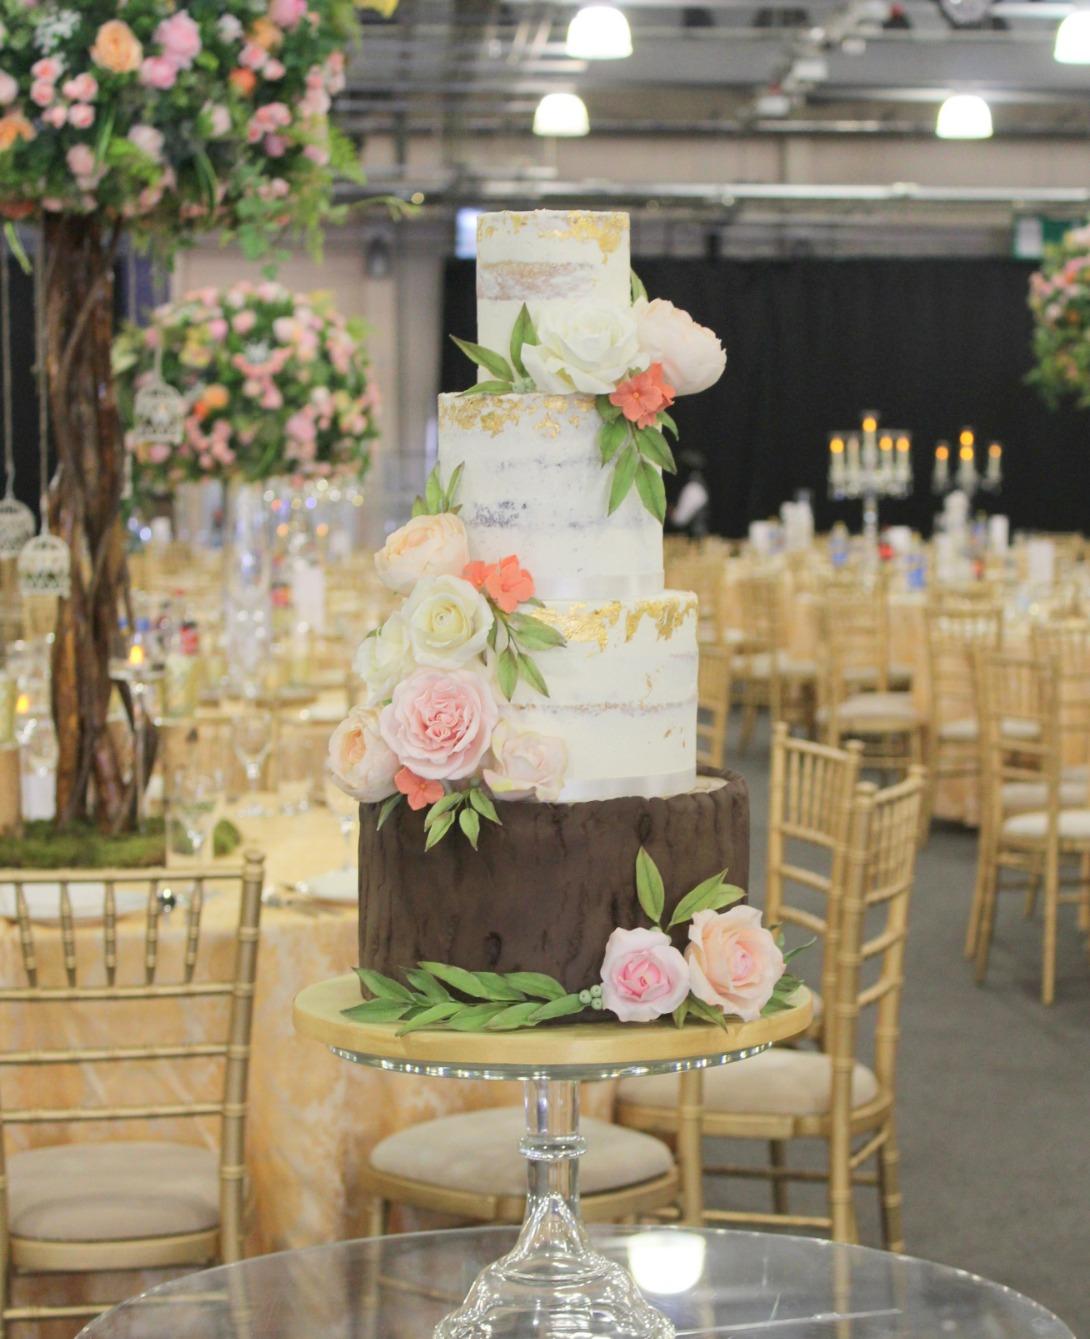 Christchurch Based Wedding Cake Makers: Luxury Bespoke Wedding Cakes Sheffield